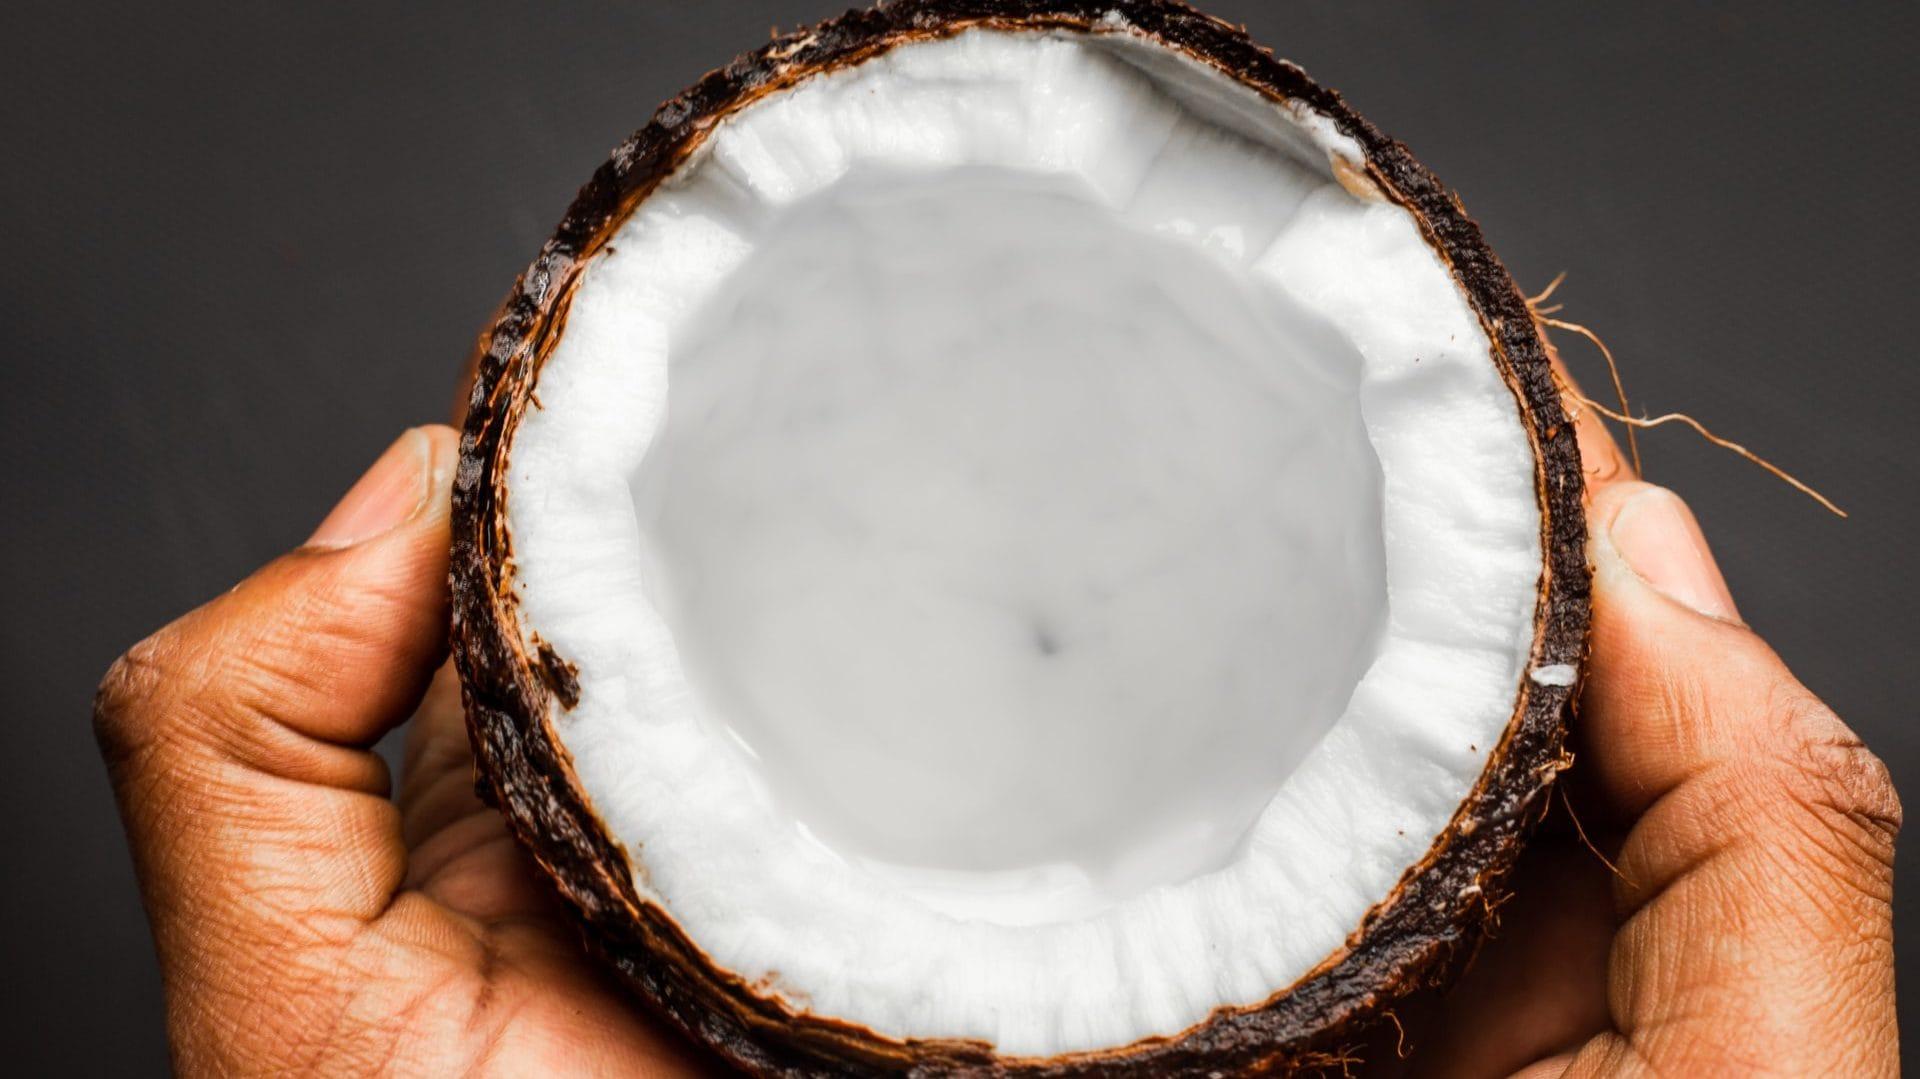 Open kokosnoot, vooraanzicht